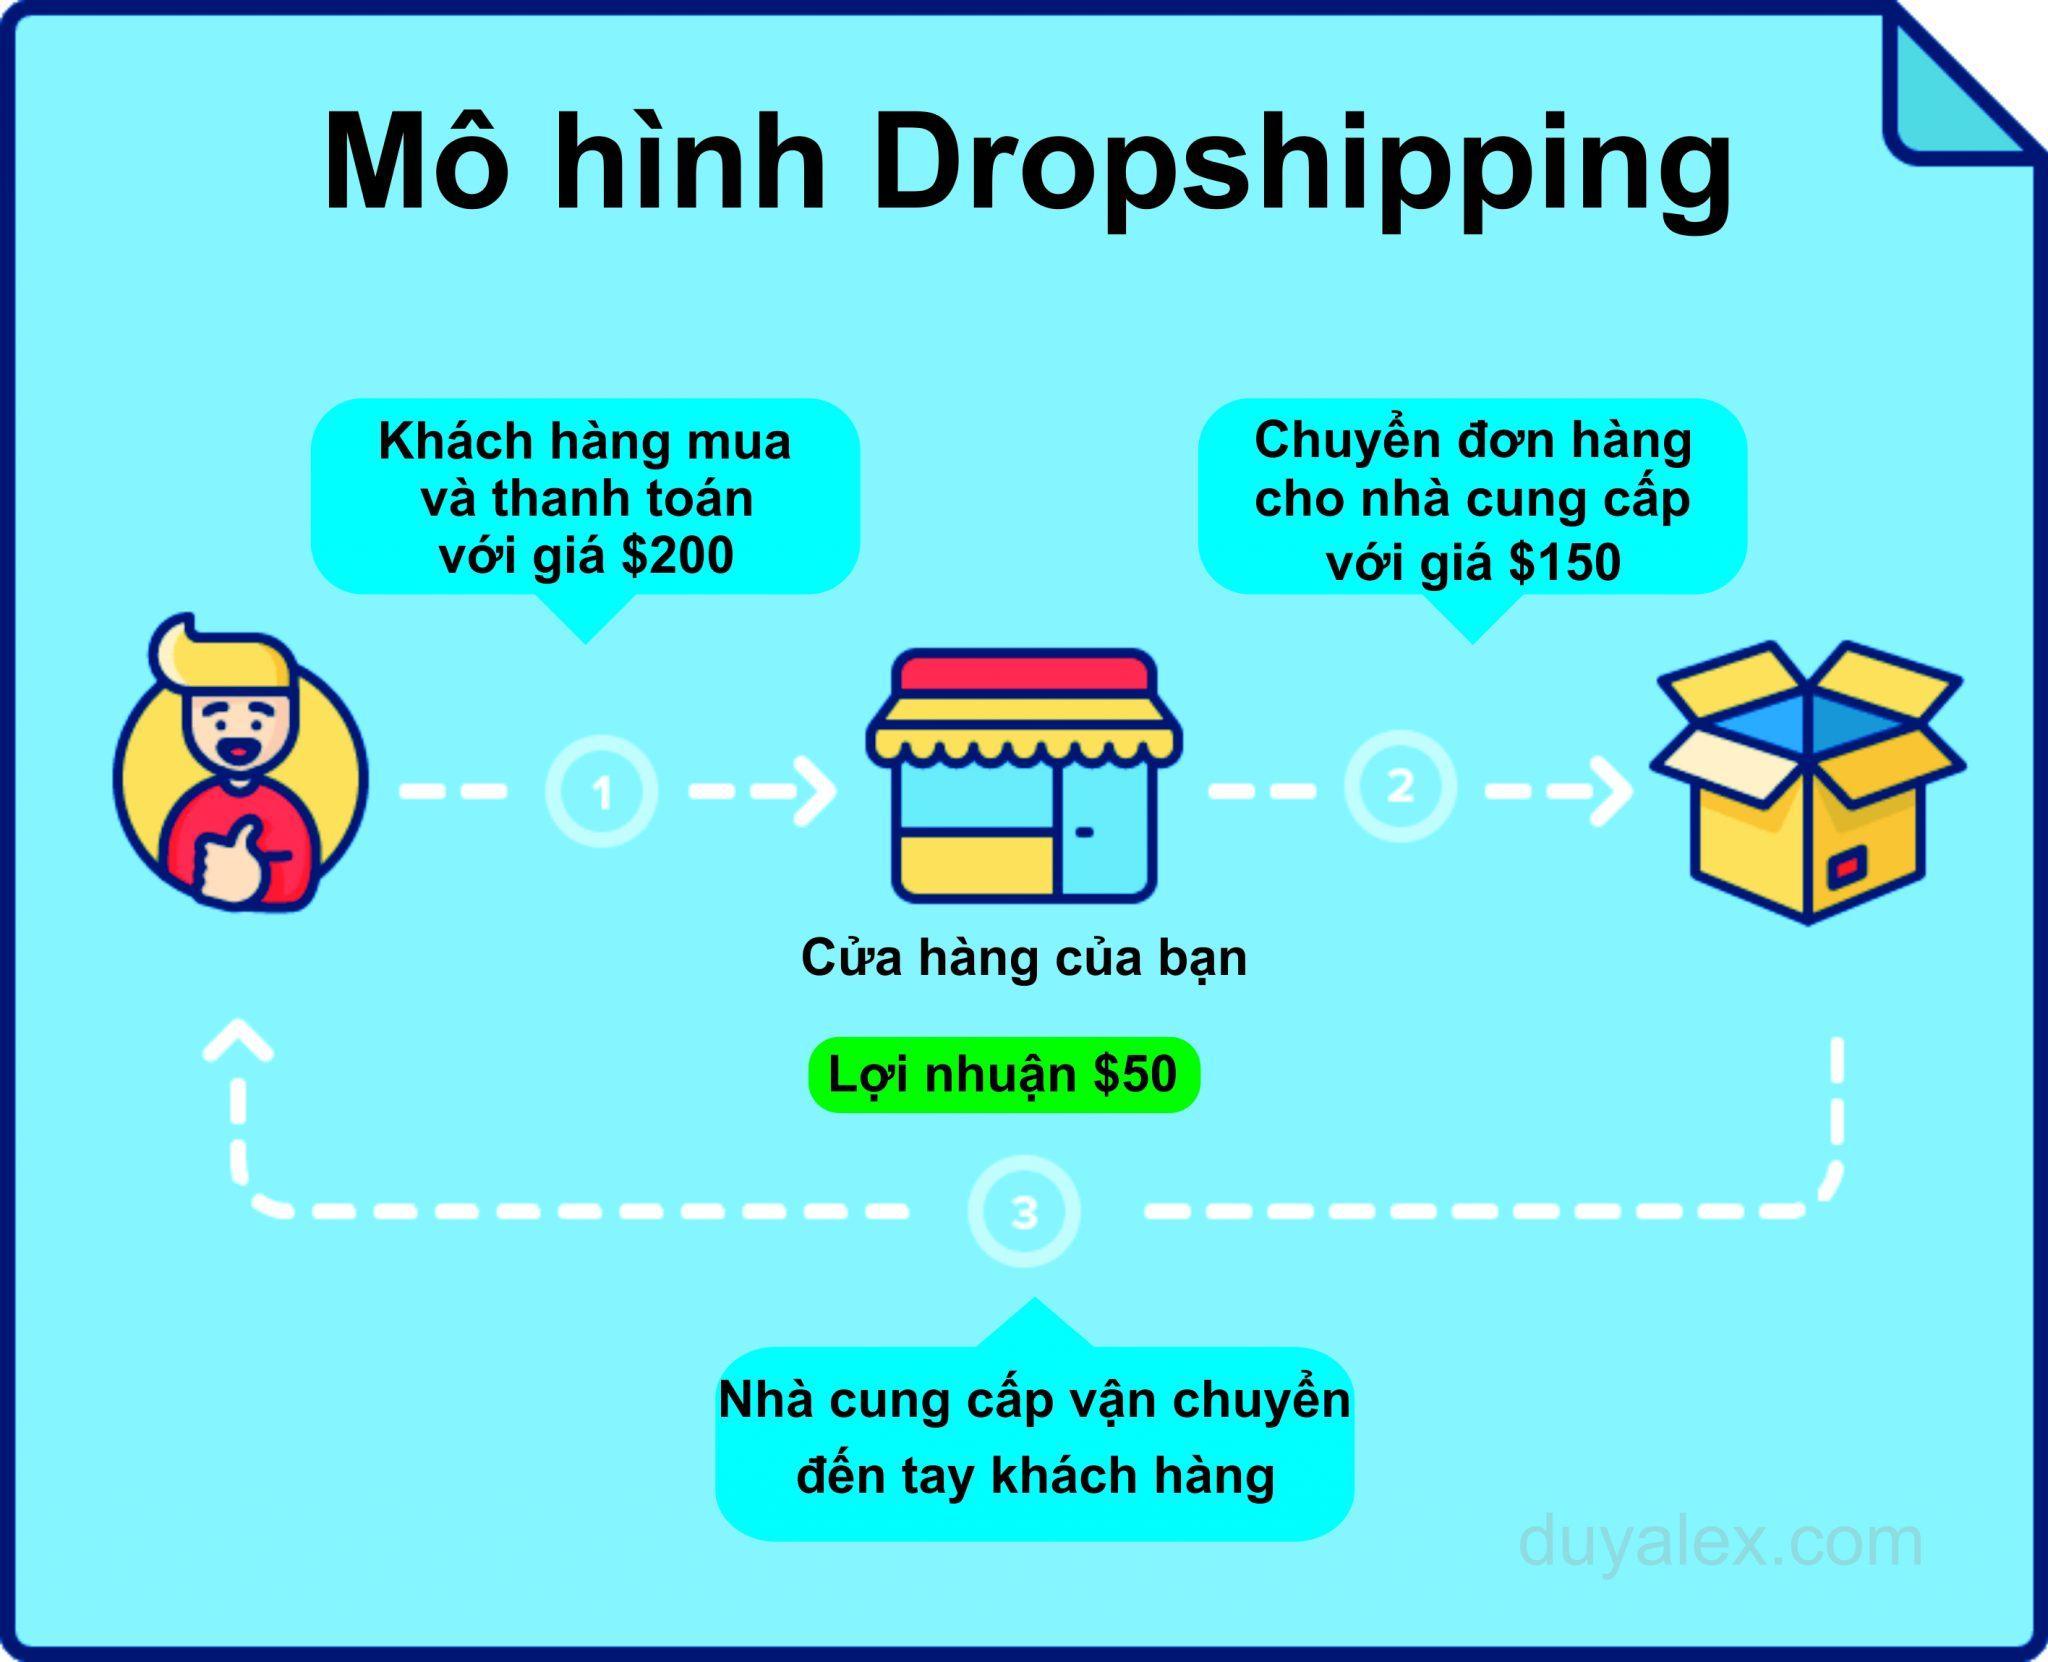 Hướng dẫn kiếm tiền với dropshipping cho người mới 2021